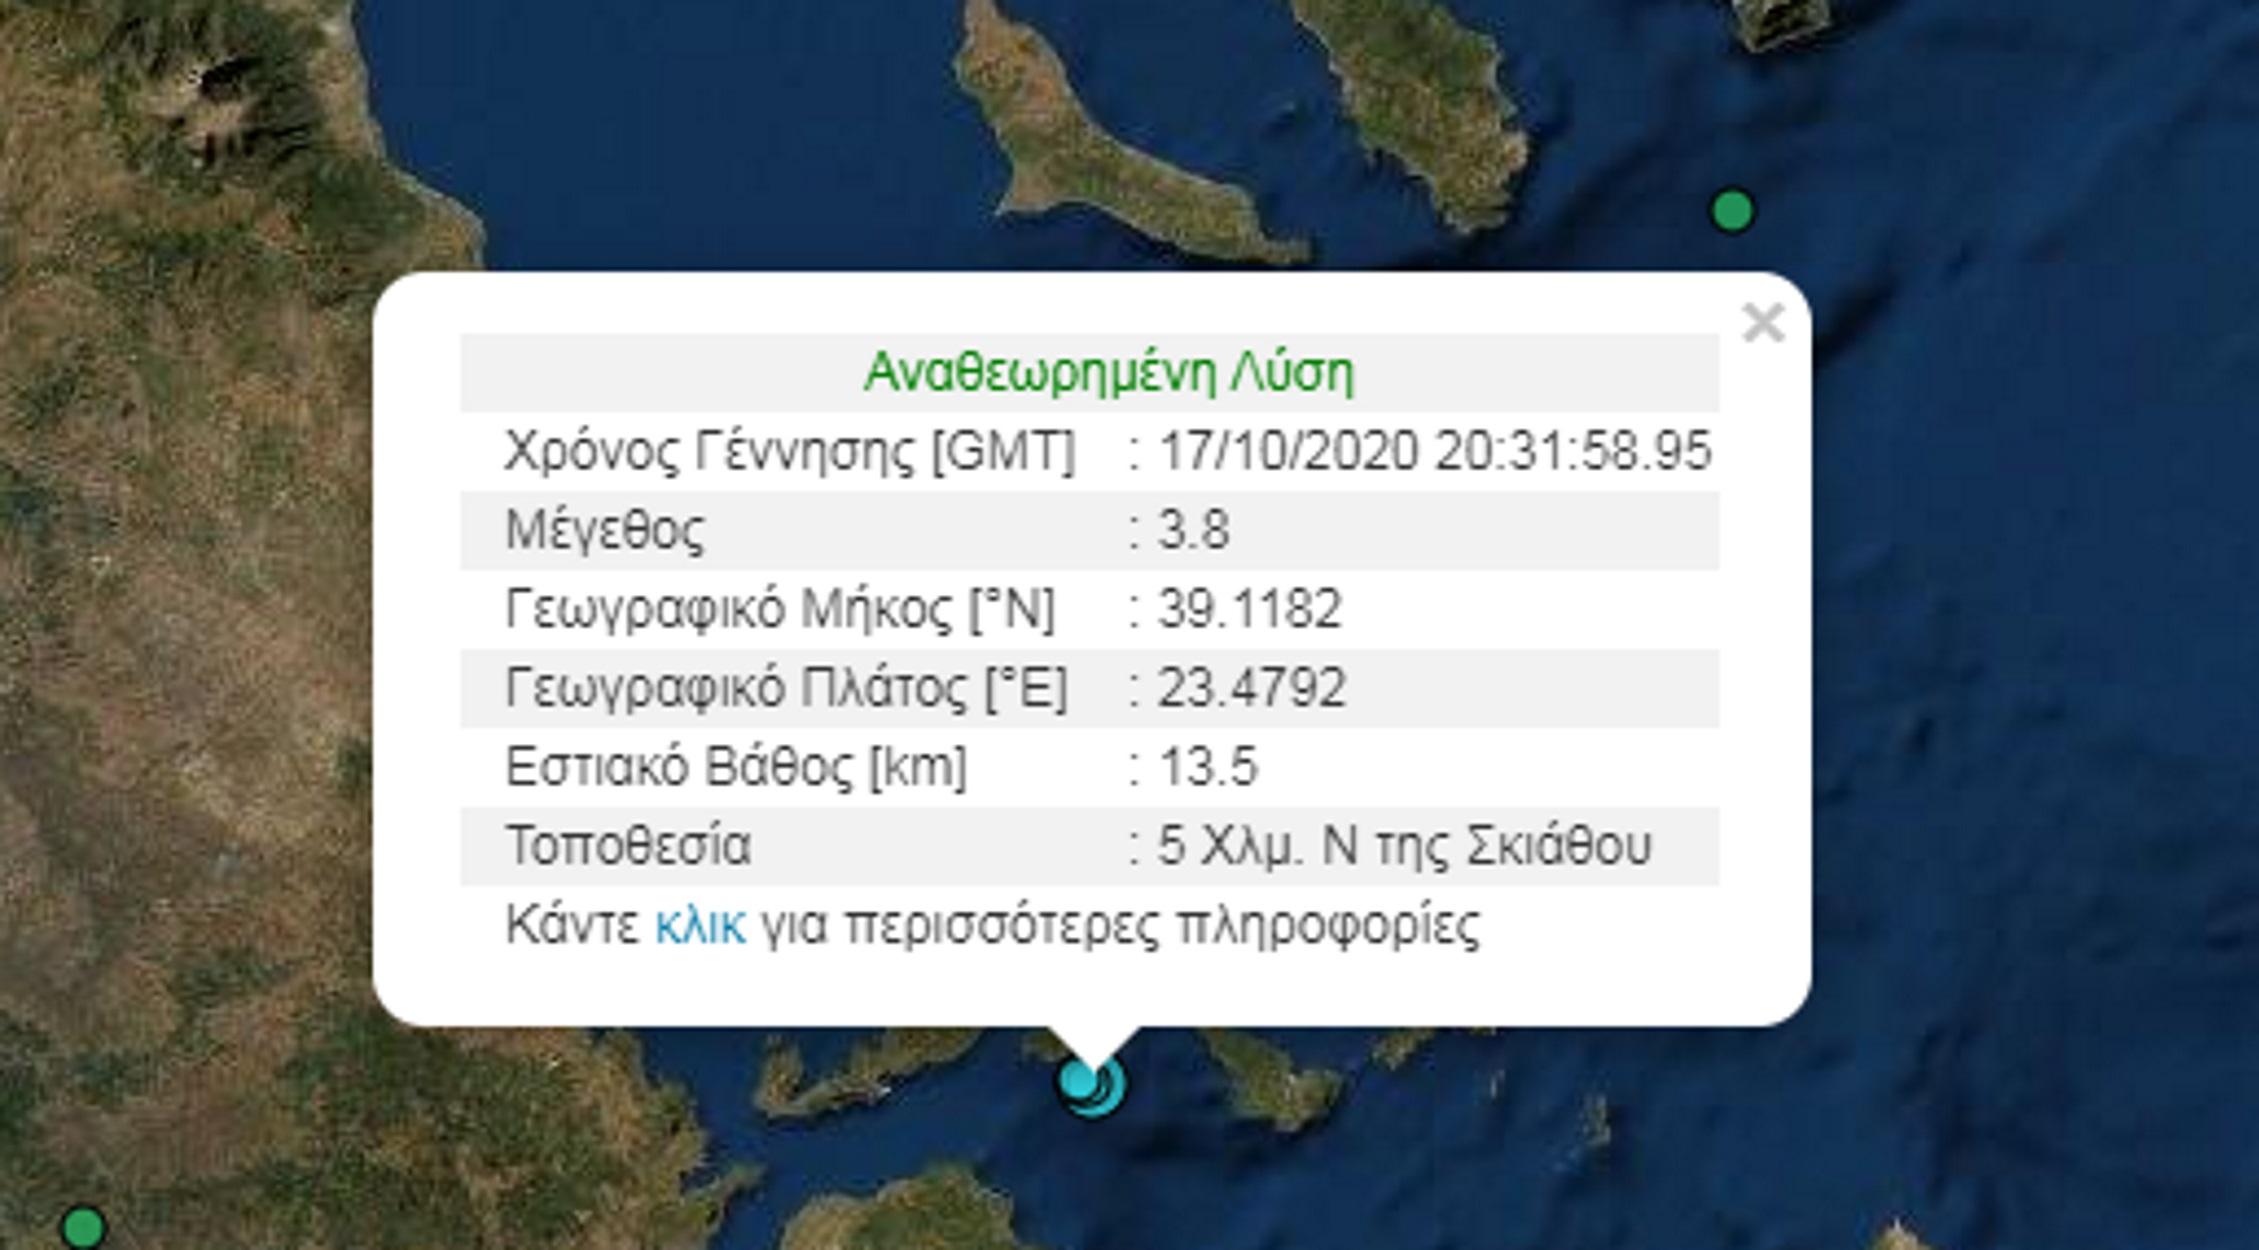 Σεισμός 3,8 Ρίχτερ στη Σκιάθο